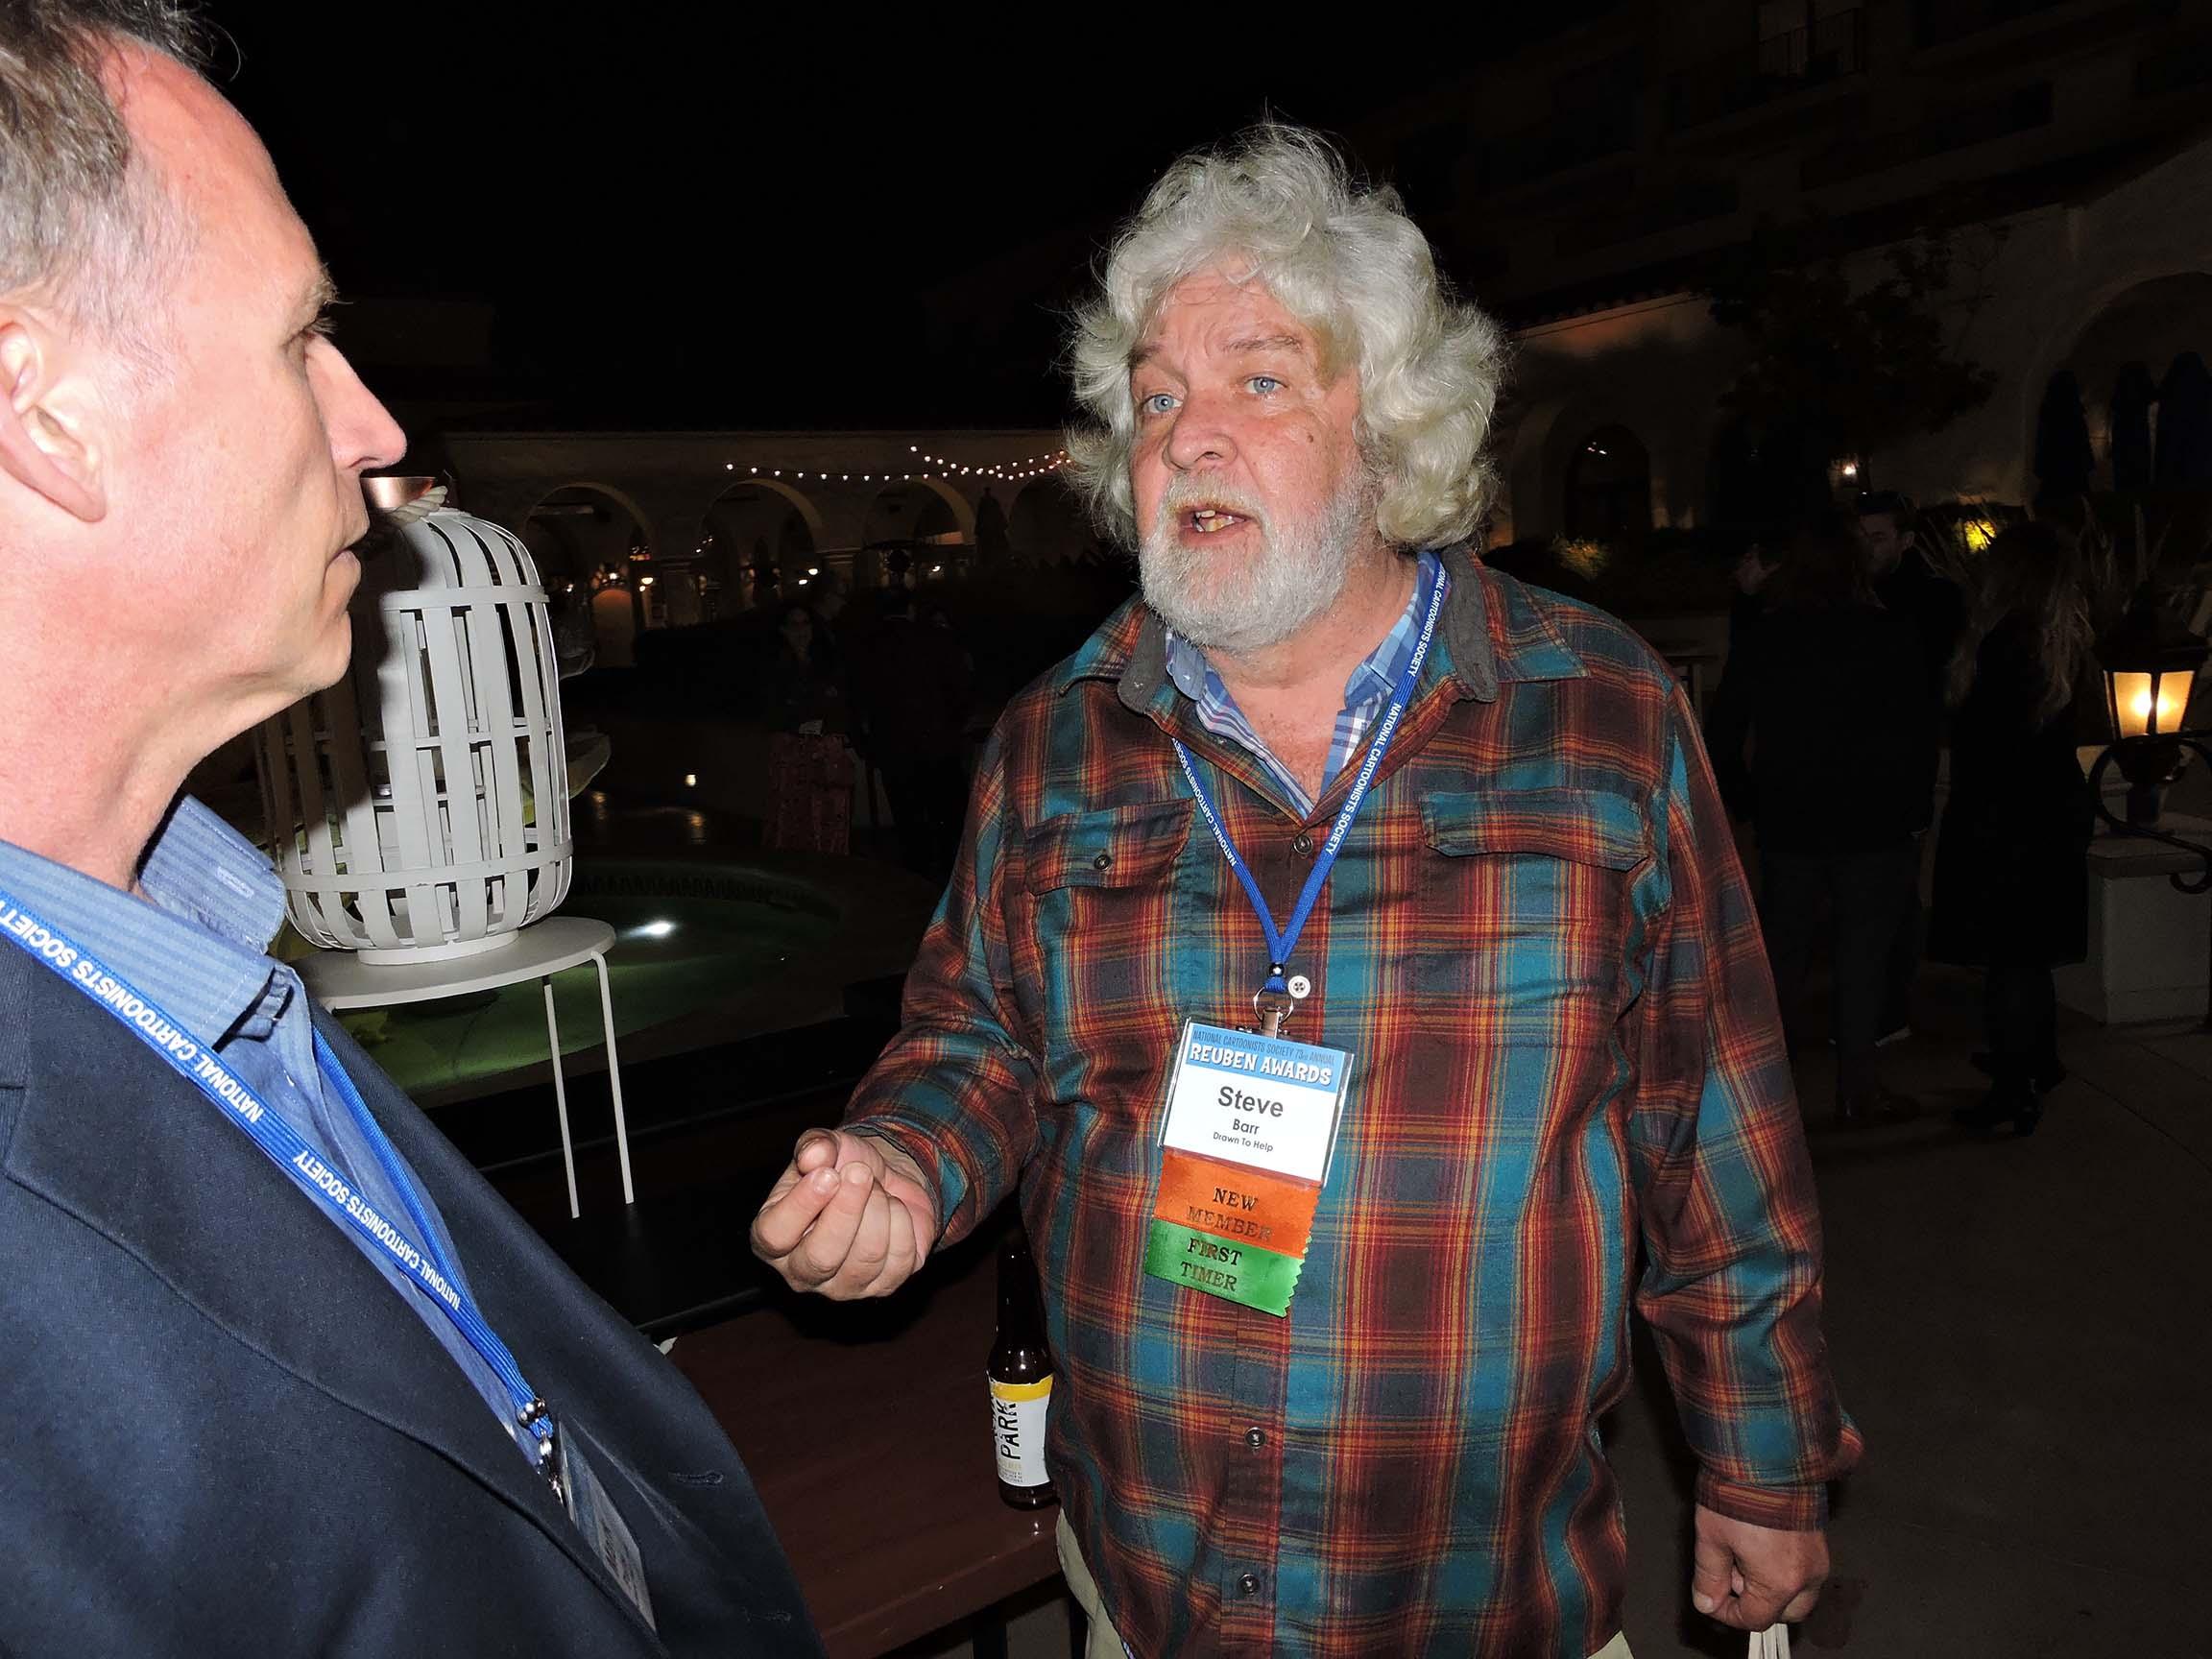 Mark Parisi and Steve Barr